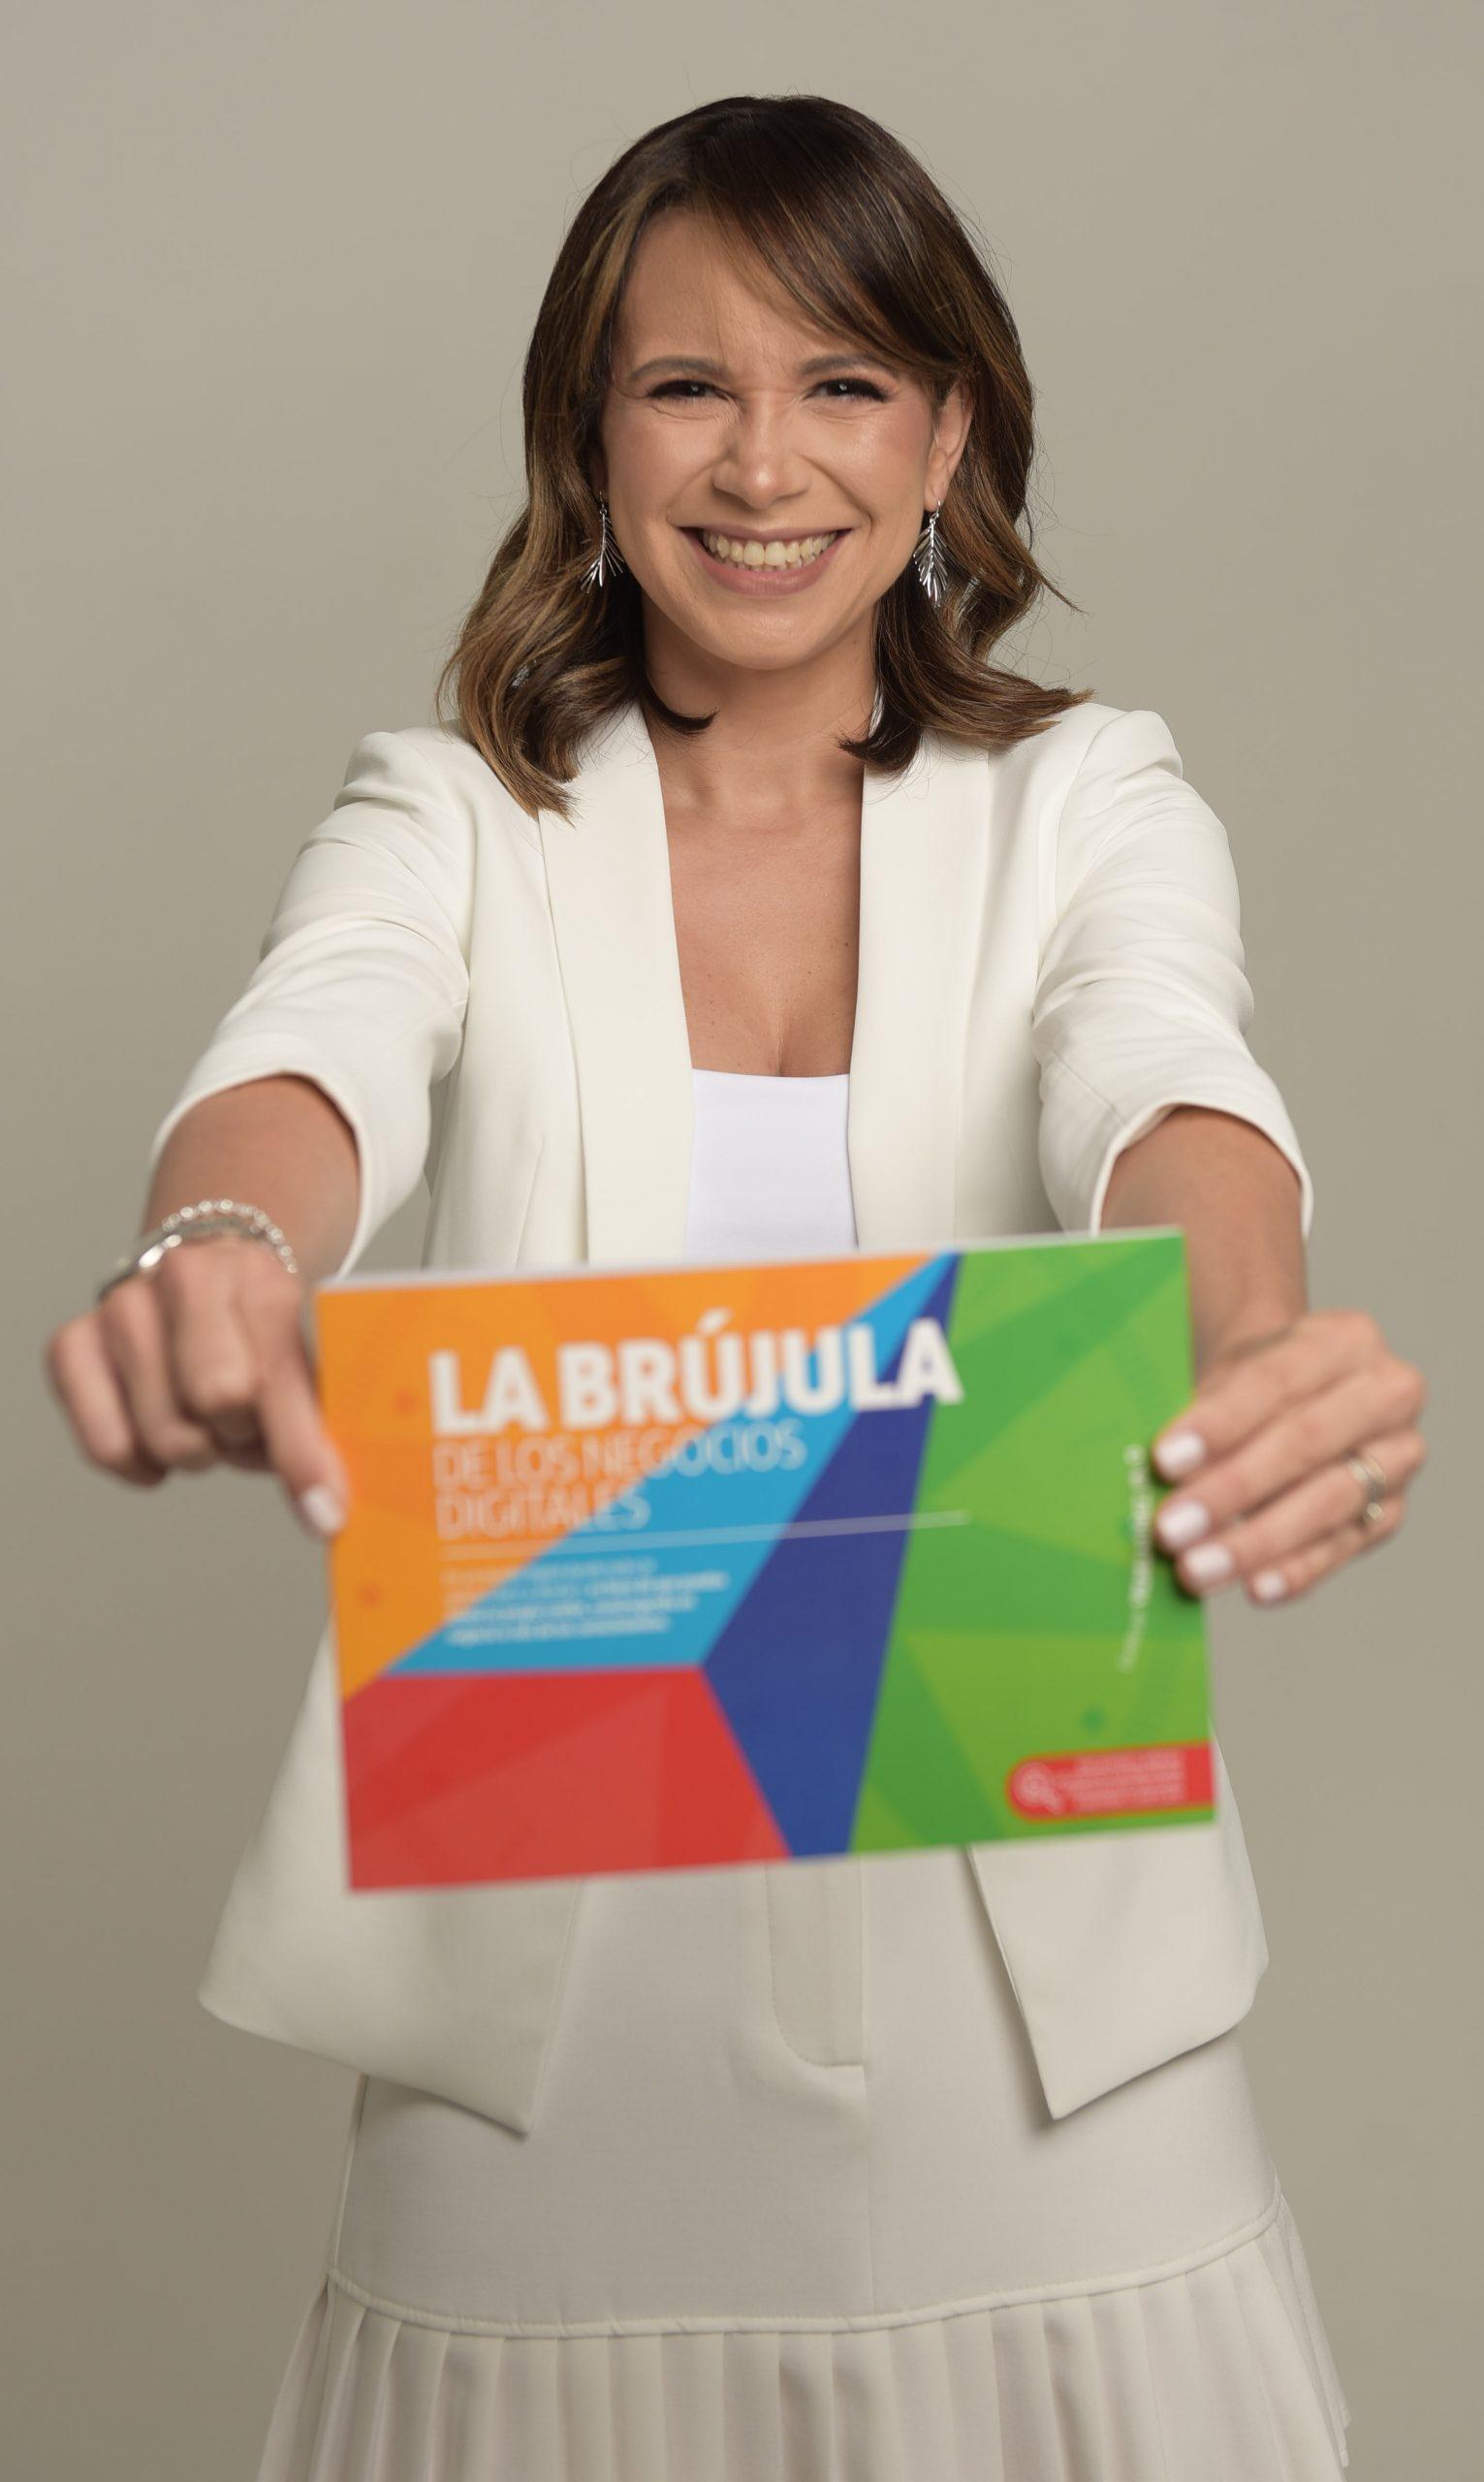 """Vilma Núñez lanzó recientemente su libro """"La brújula de los negocios digitales""""."""